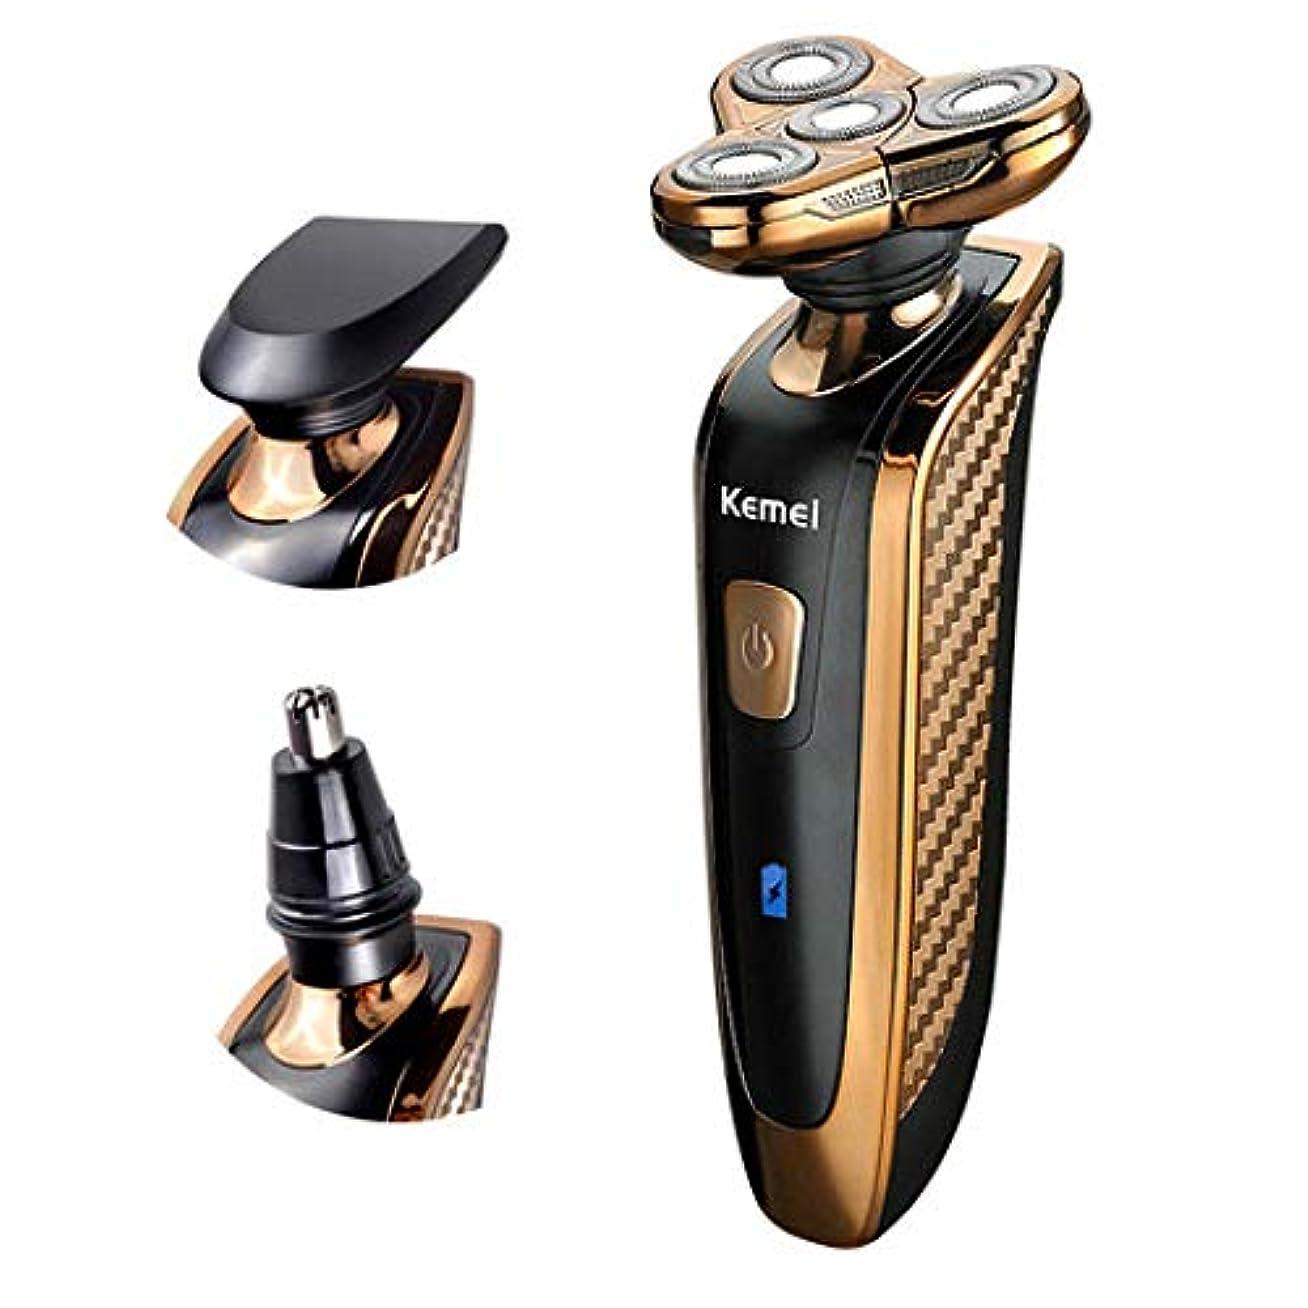 有利アルコール方言QINJLI 4 ナイフ洗浄かみそり多機能電気シェーバー コーナーをフローティング ナイフ鼻ナイフ 3 つ合わせて 16.5 * 6 cm